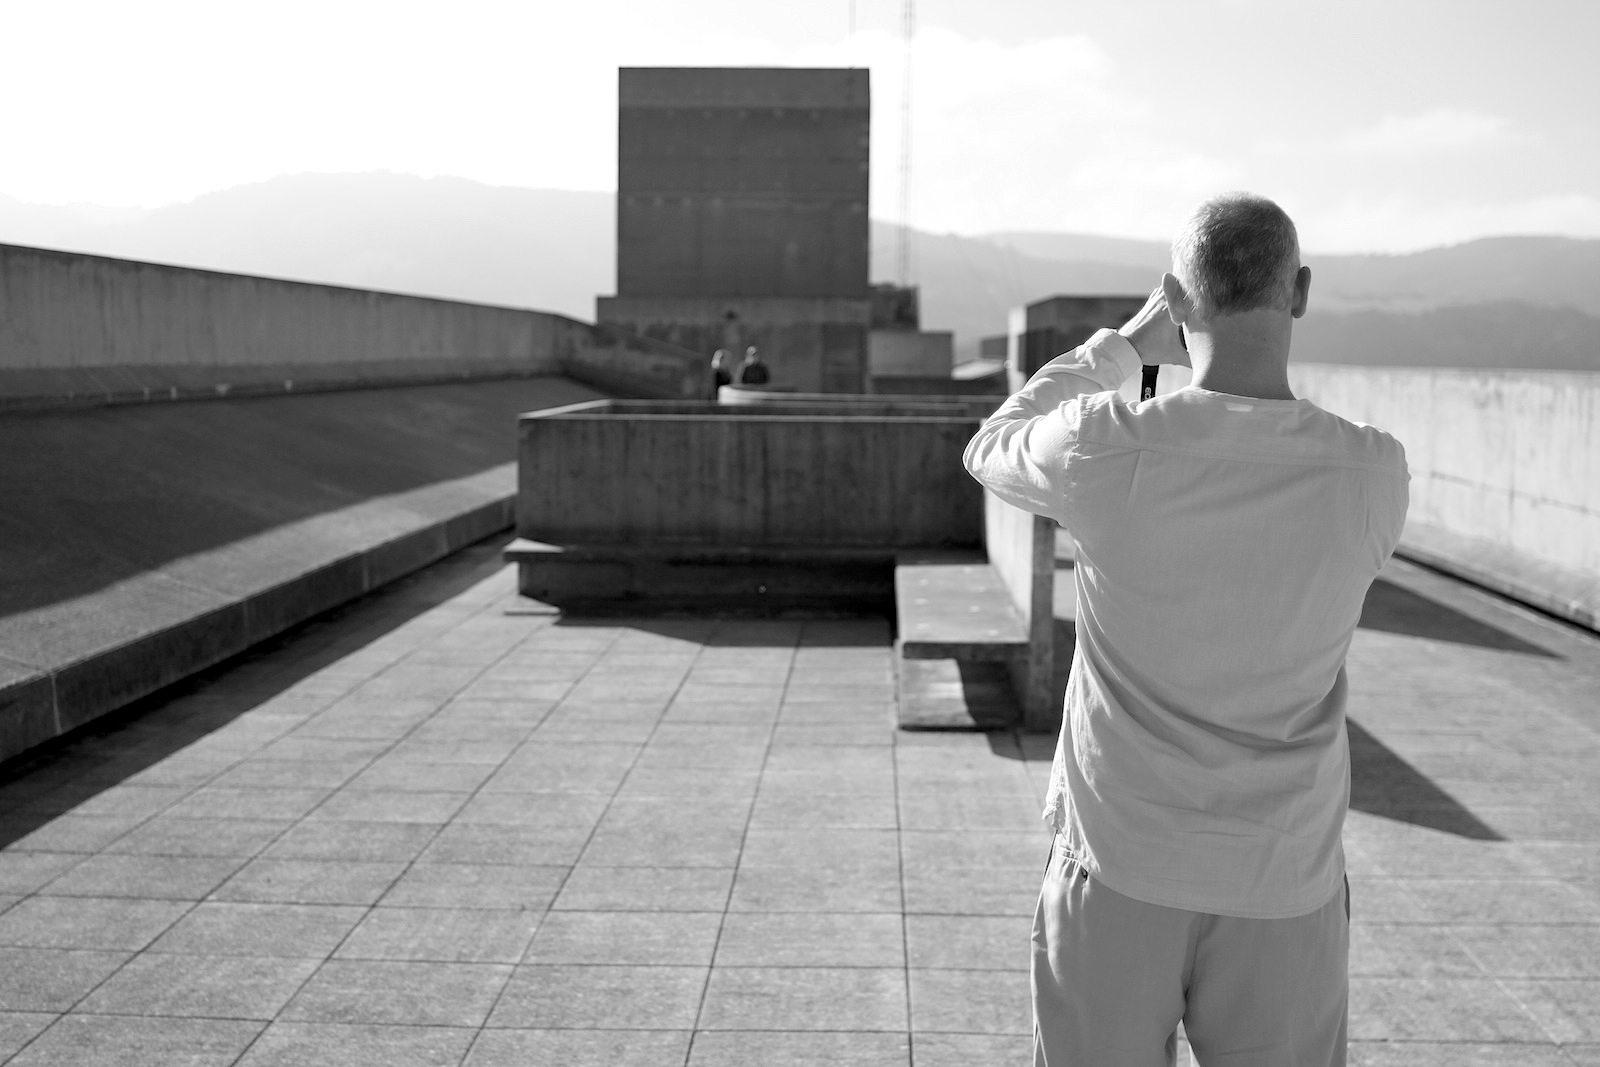 Unité d'Habitation. Auf Nachfrage erklärte das Site Le Corbusier, dass es bereits Vorplanungen gäbe. Für Fotografen ist das einerlei: Le Corbusiers Purismus ist wie für Fotoalben und Instagram gemacht.